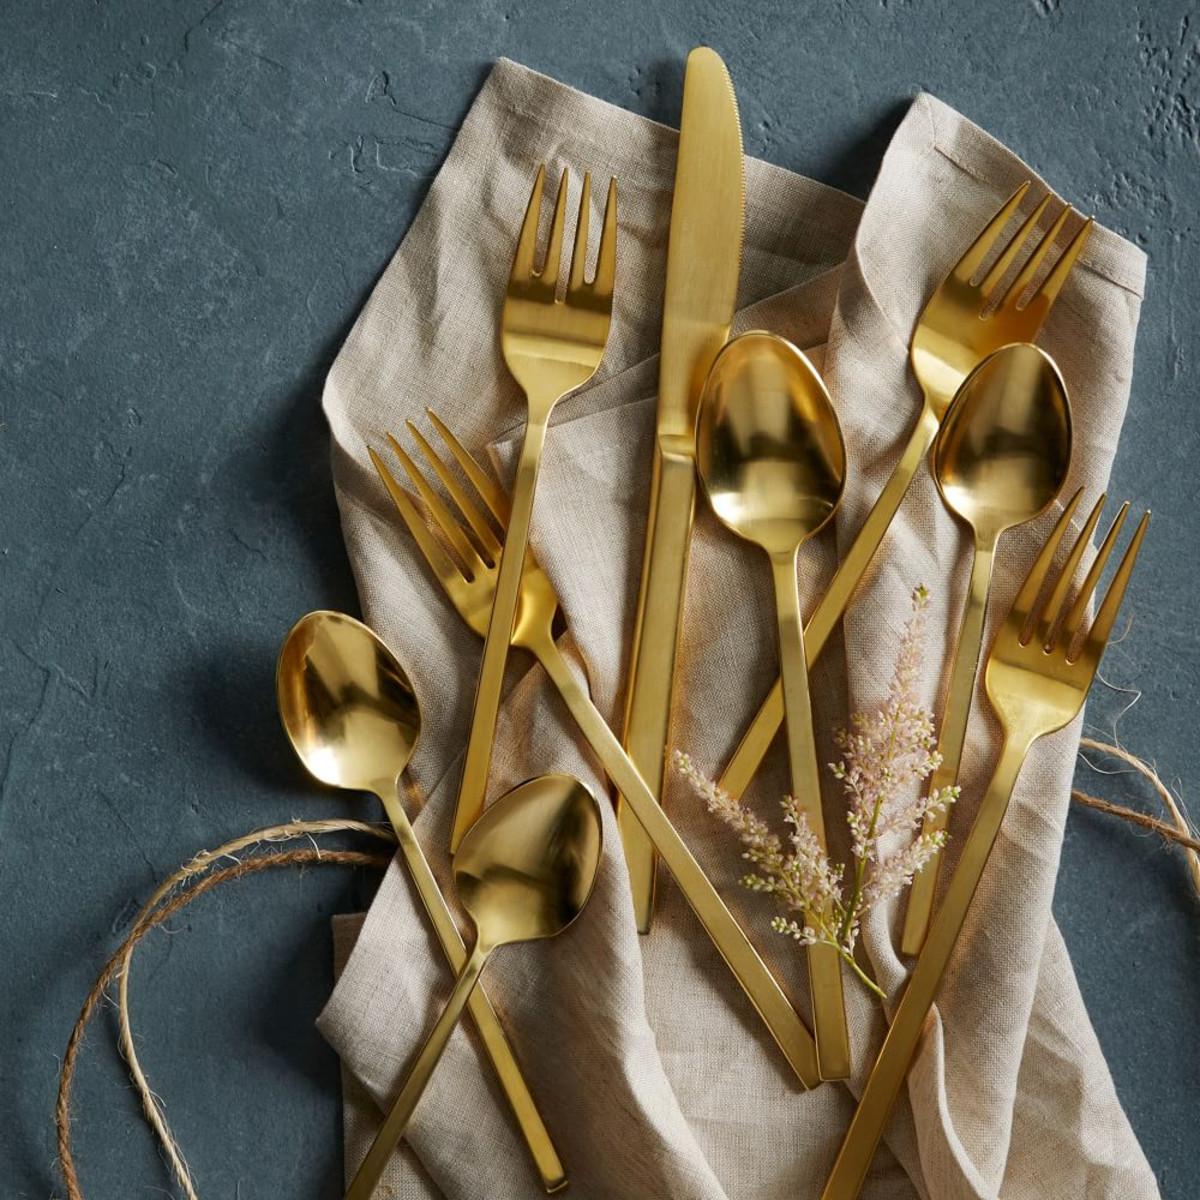 gold-flatware-sets-2-z westelm uk.jpg